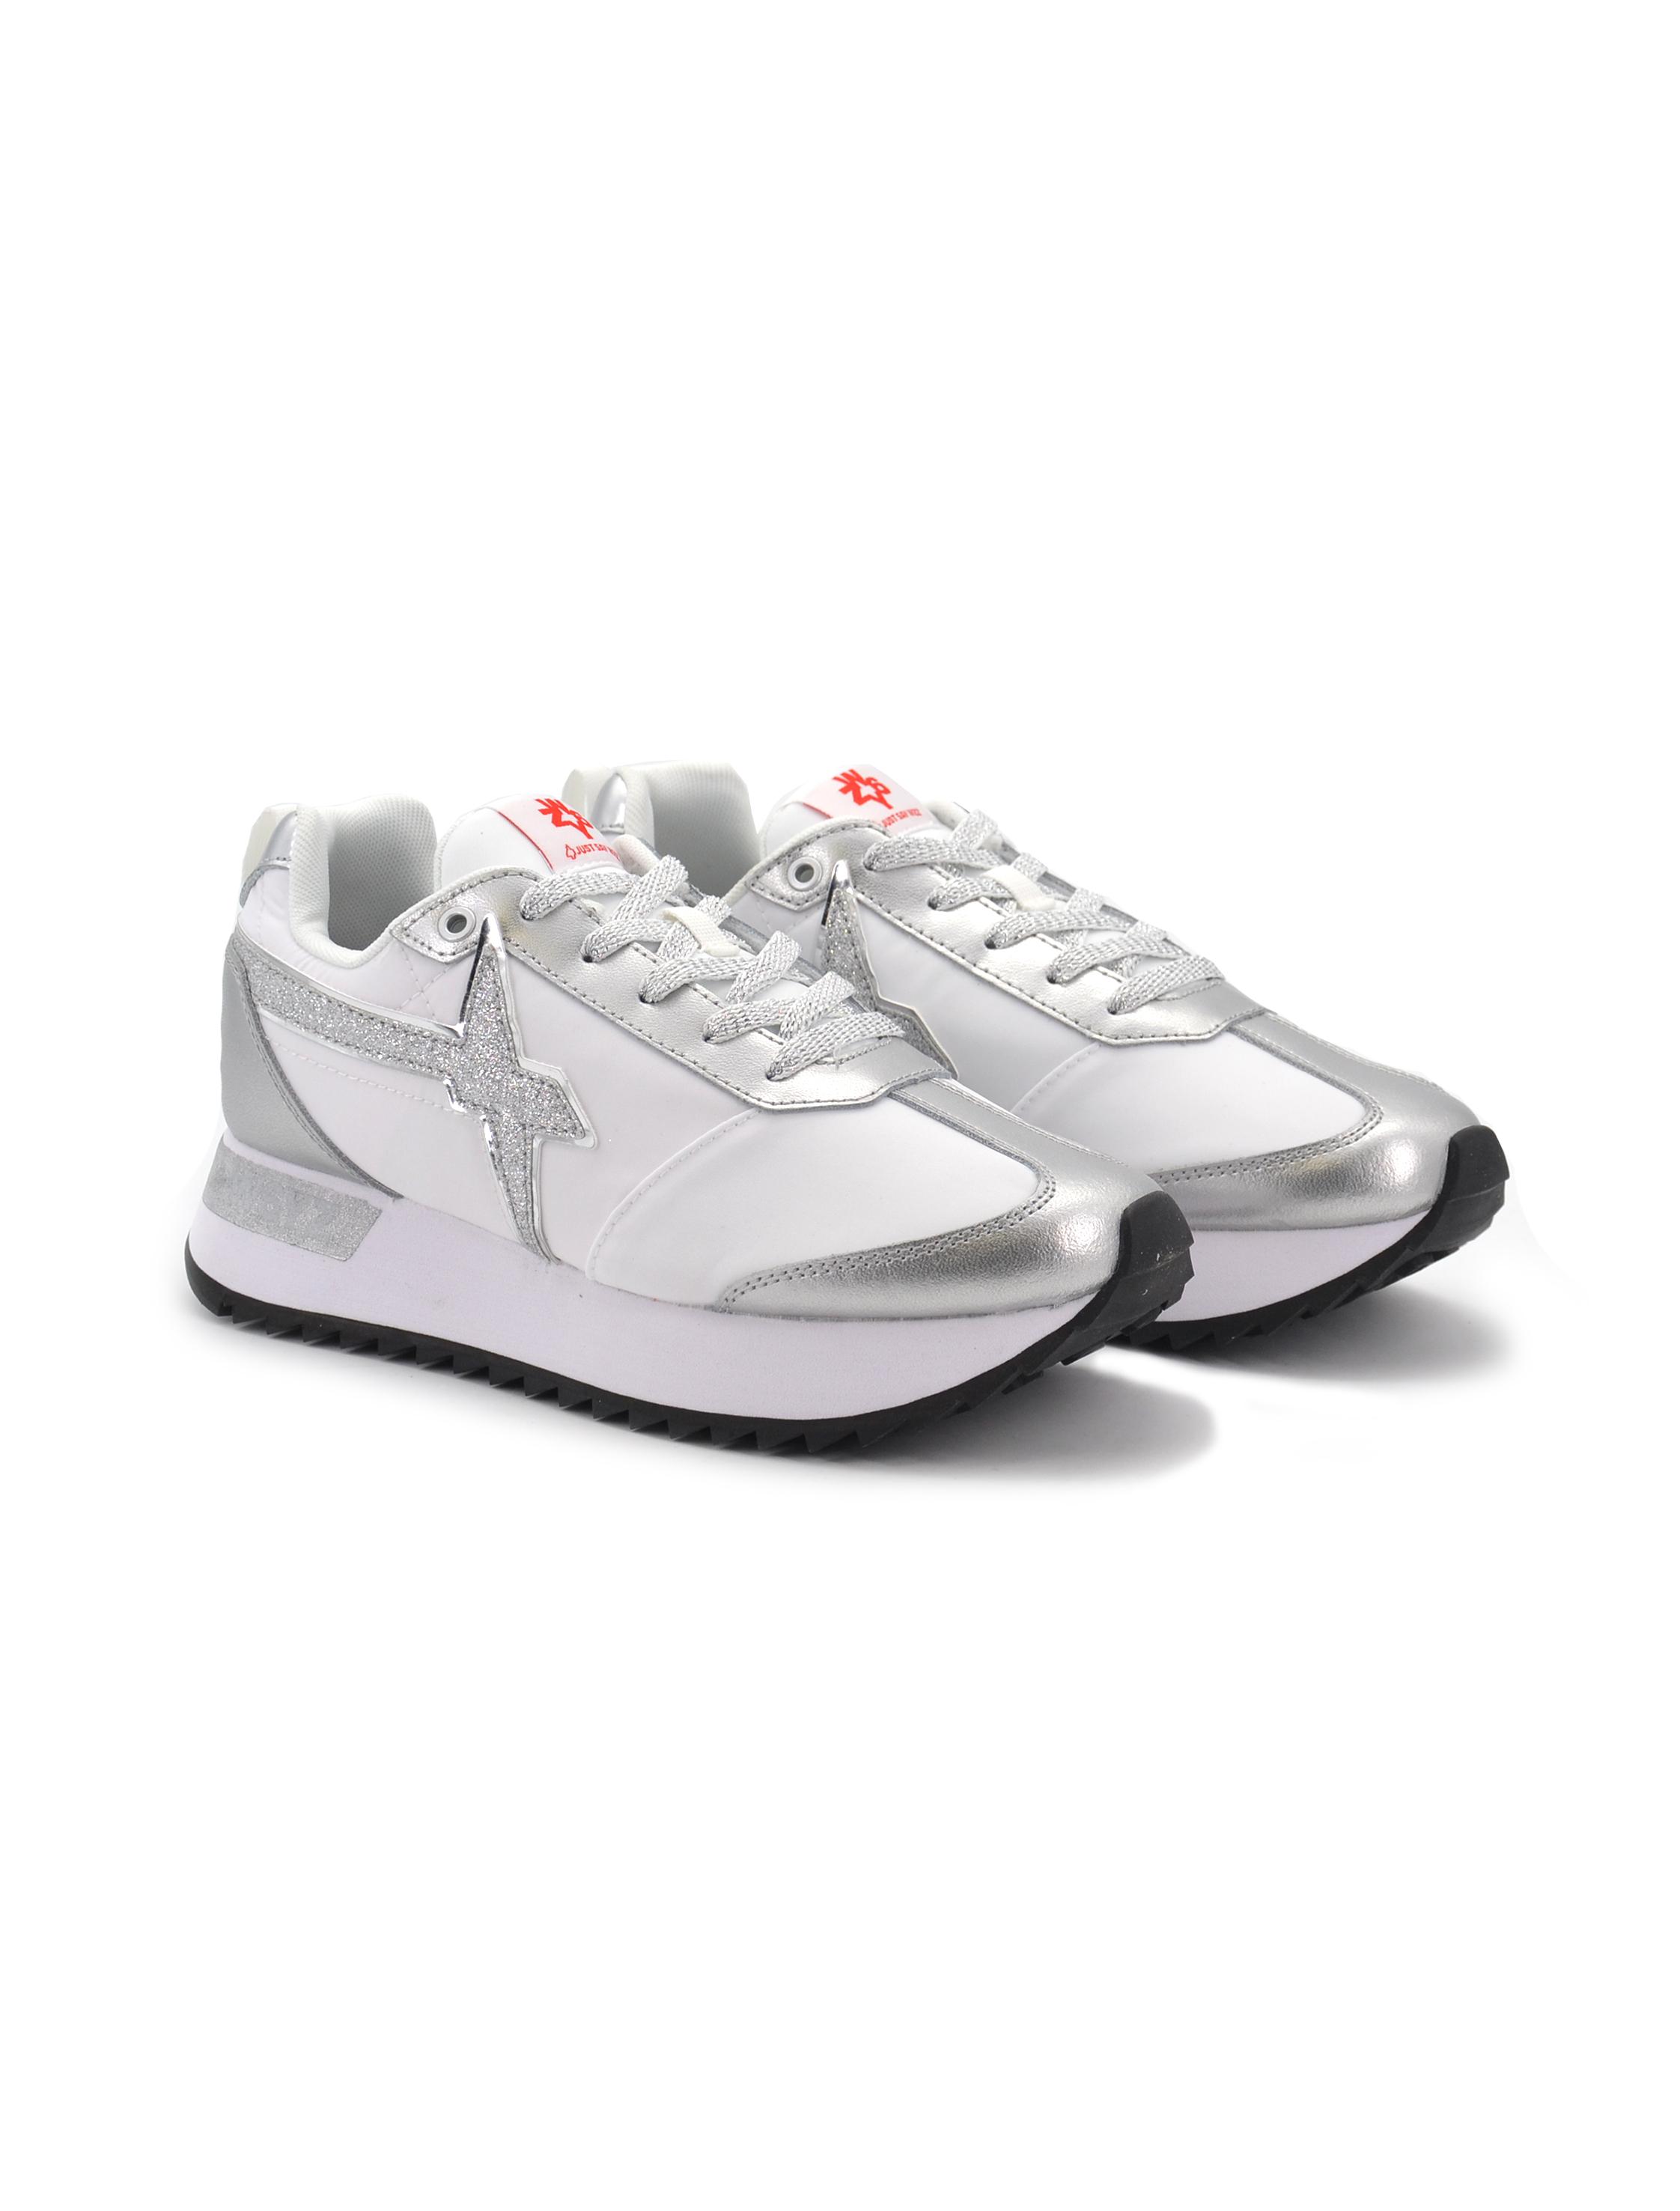 Scarpe sneakers W6YZ kiss donna bianco rosè con glitter 2013563011c06 W6YZ